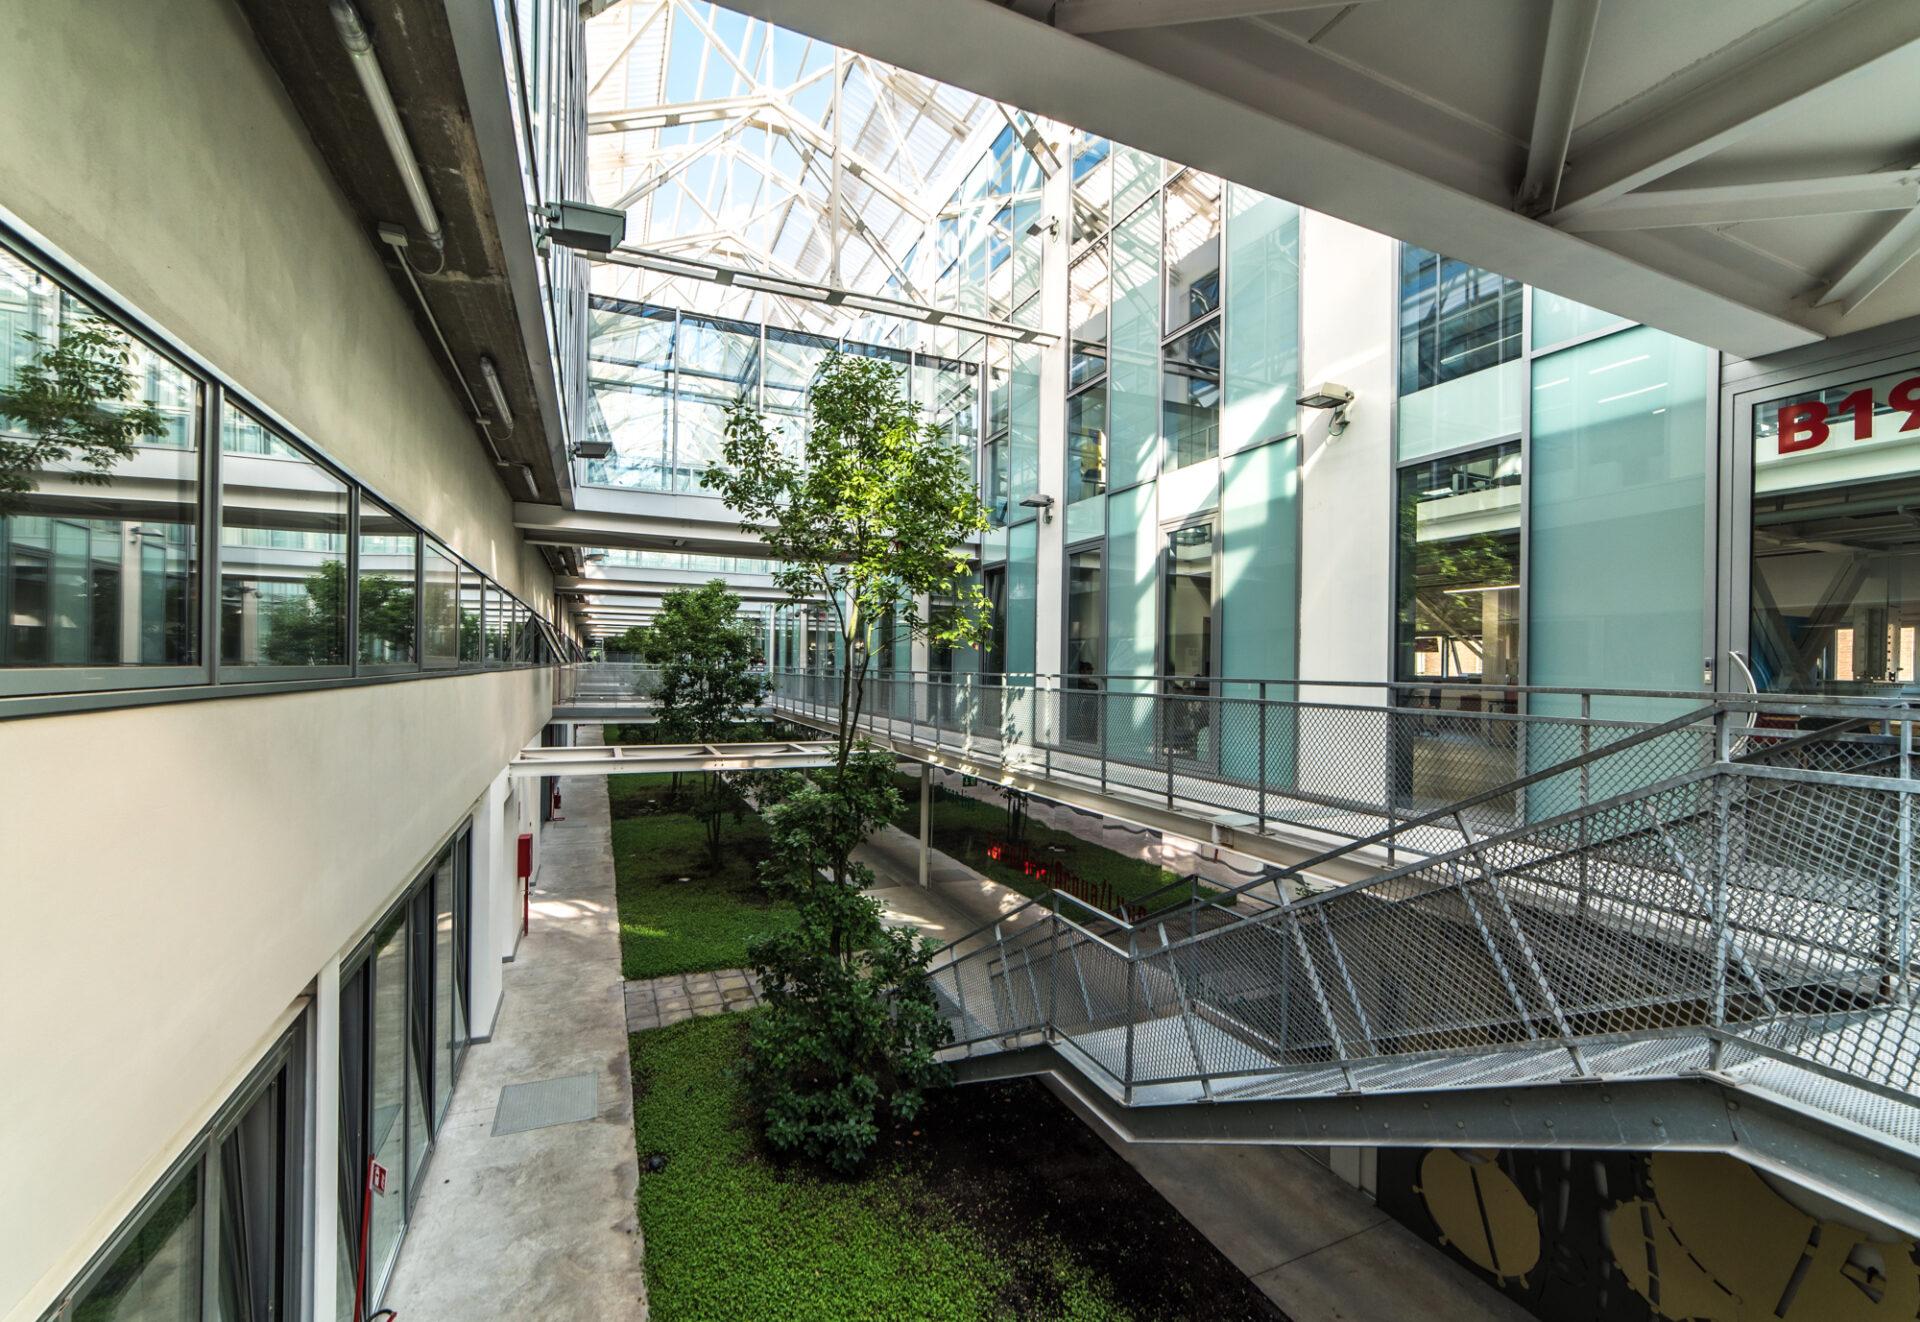 Brin Napoli - Foto struttura esterna - Immobili Cittamoderna